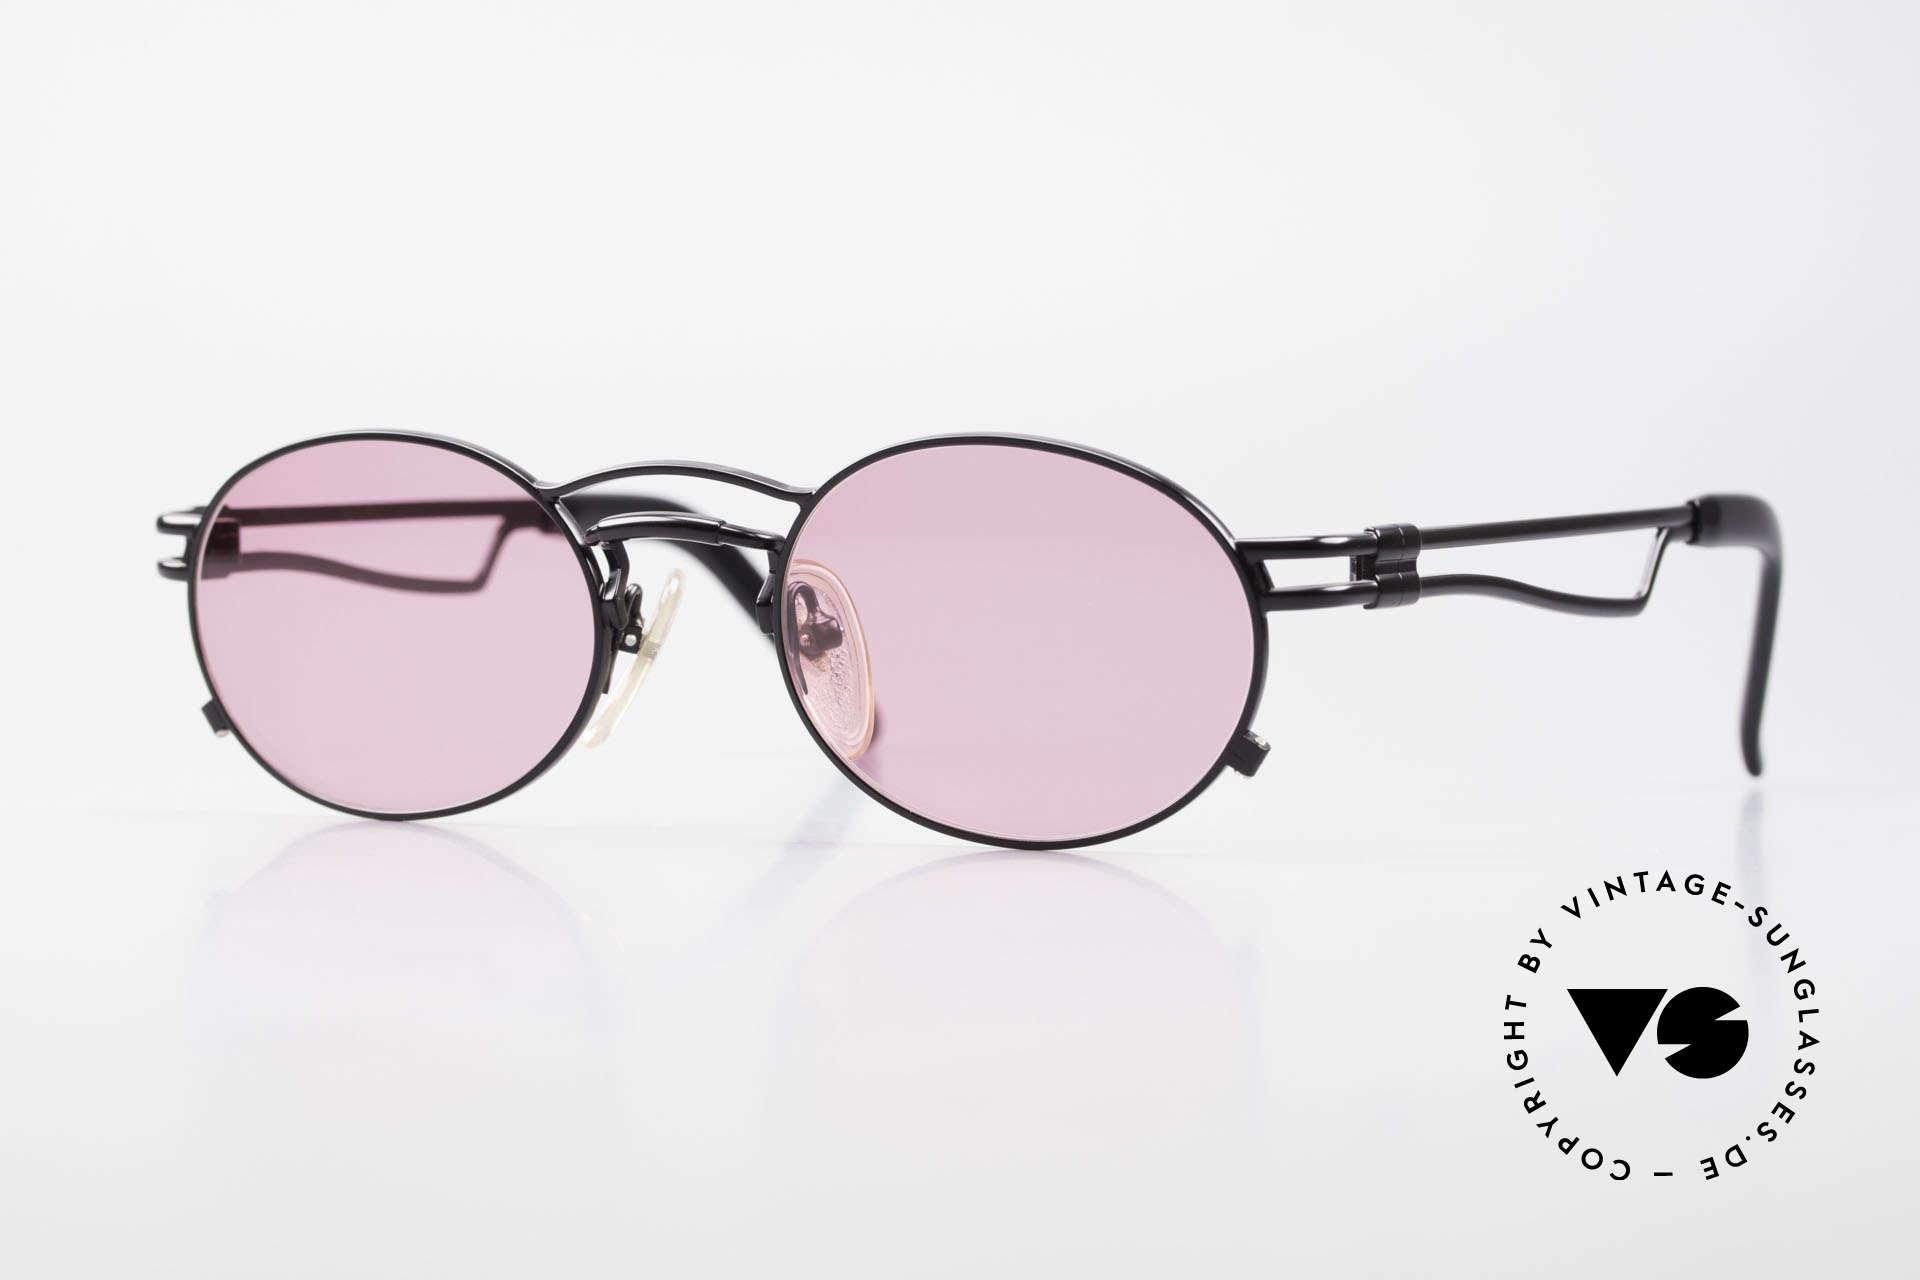 Jean Paul Gaultier 56-3173 Pinke Ovale Vintage Brille, ovale vintage Jean Paul GAULTIER Sonnenbrille von 1995, Passend für Herren und Damen